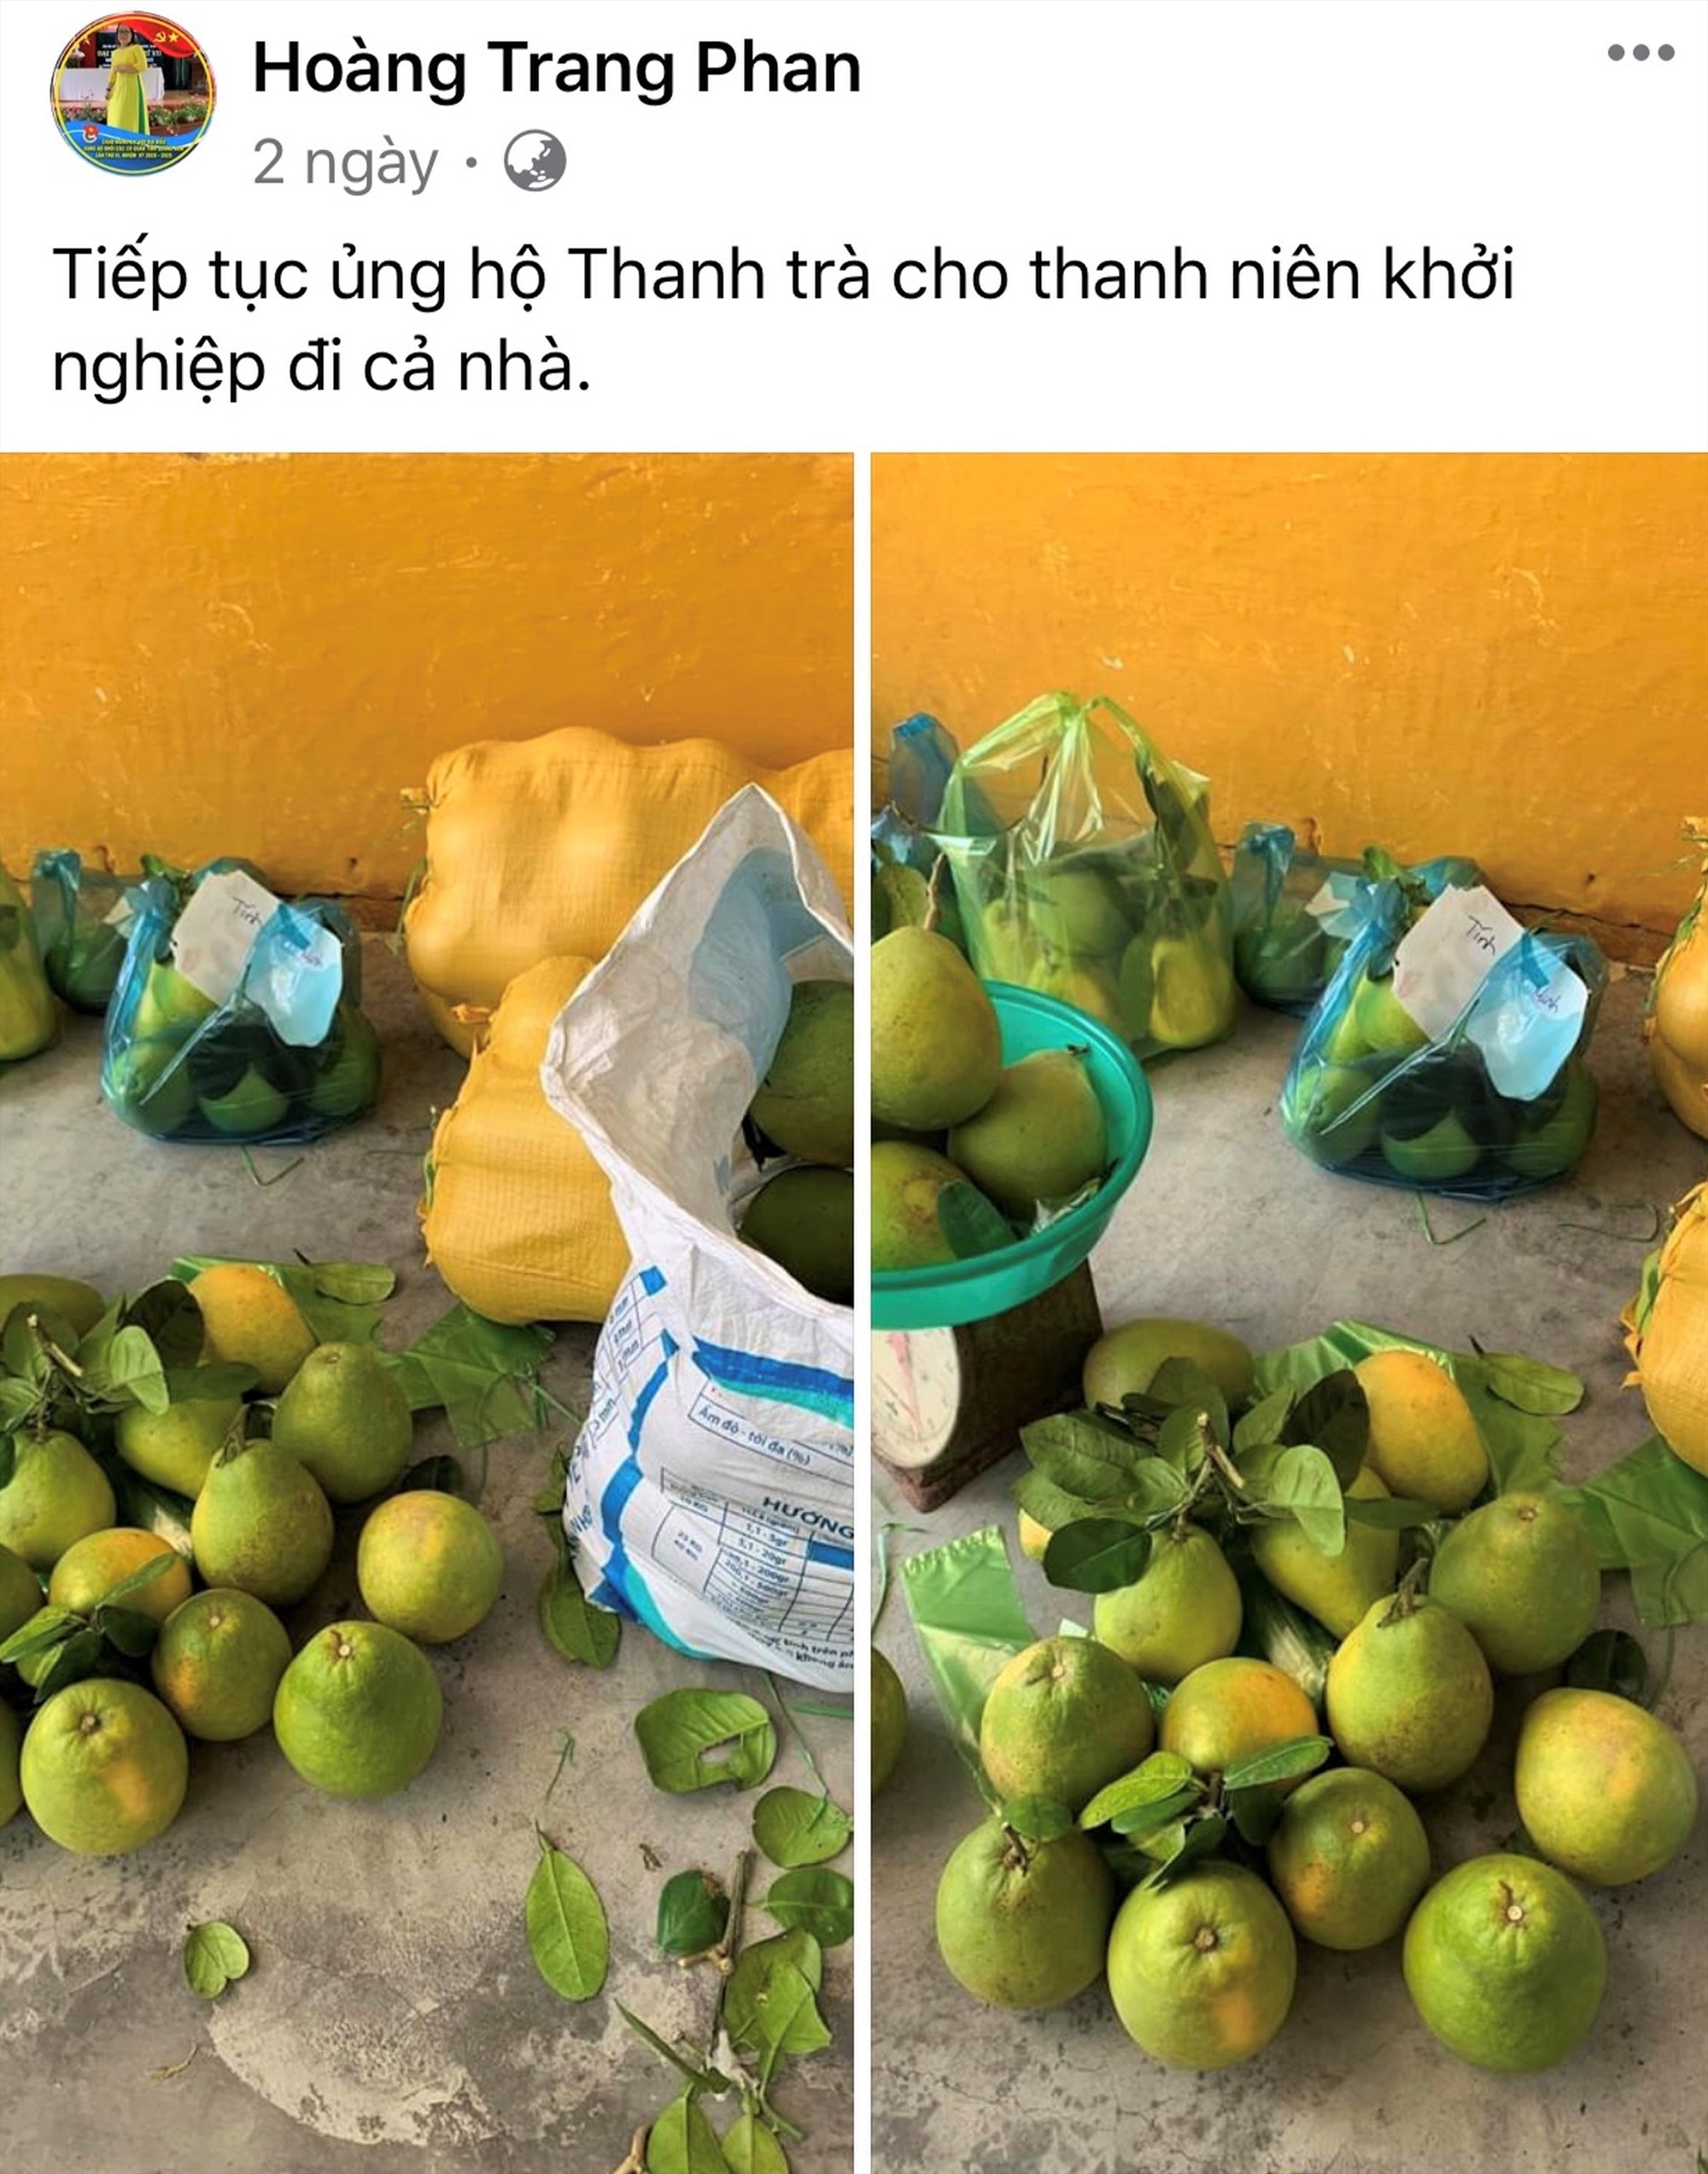 Chị Phan Thị Hoàng Trang, chuyên viên Ban Thanh niên nông thôn, công nhân và đô thị Tỉnh đoàn đăng bán thanh trà giúp anh Nguyễn Ngọc Huy trên trang cá nhân facebook. Ảnh: VINH ANH